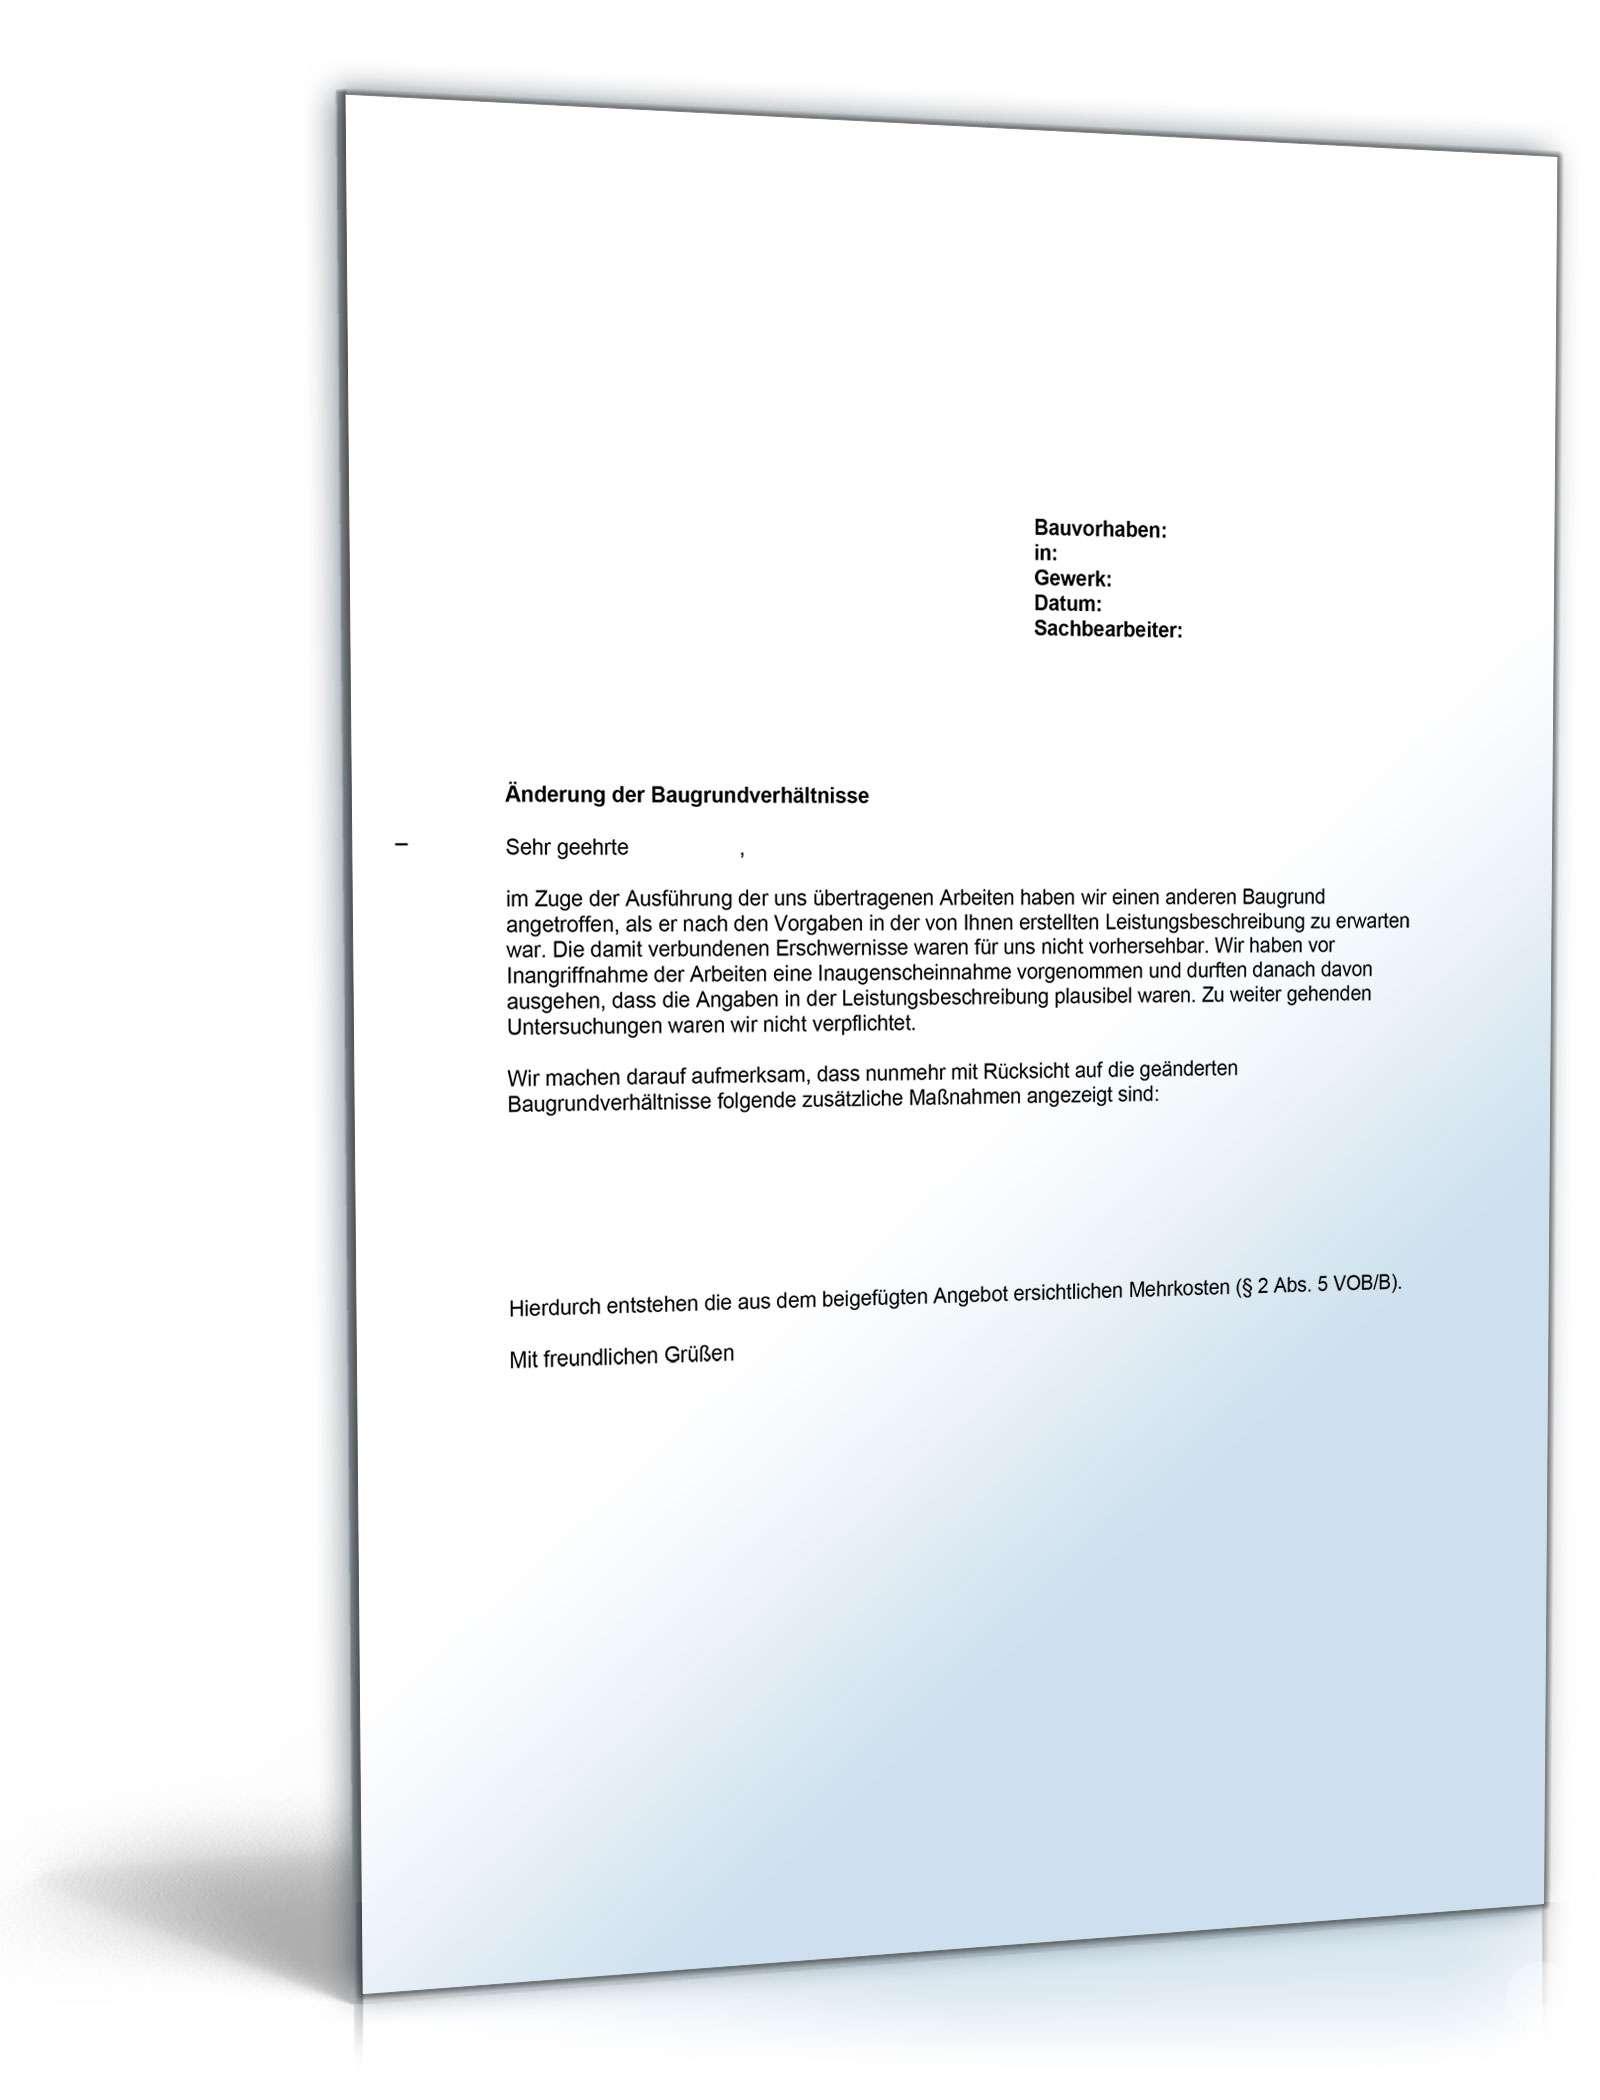 Musterbrief Bedenkenanmeldung Gegen Die Baugrundverhaltnisse